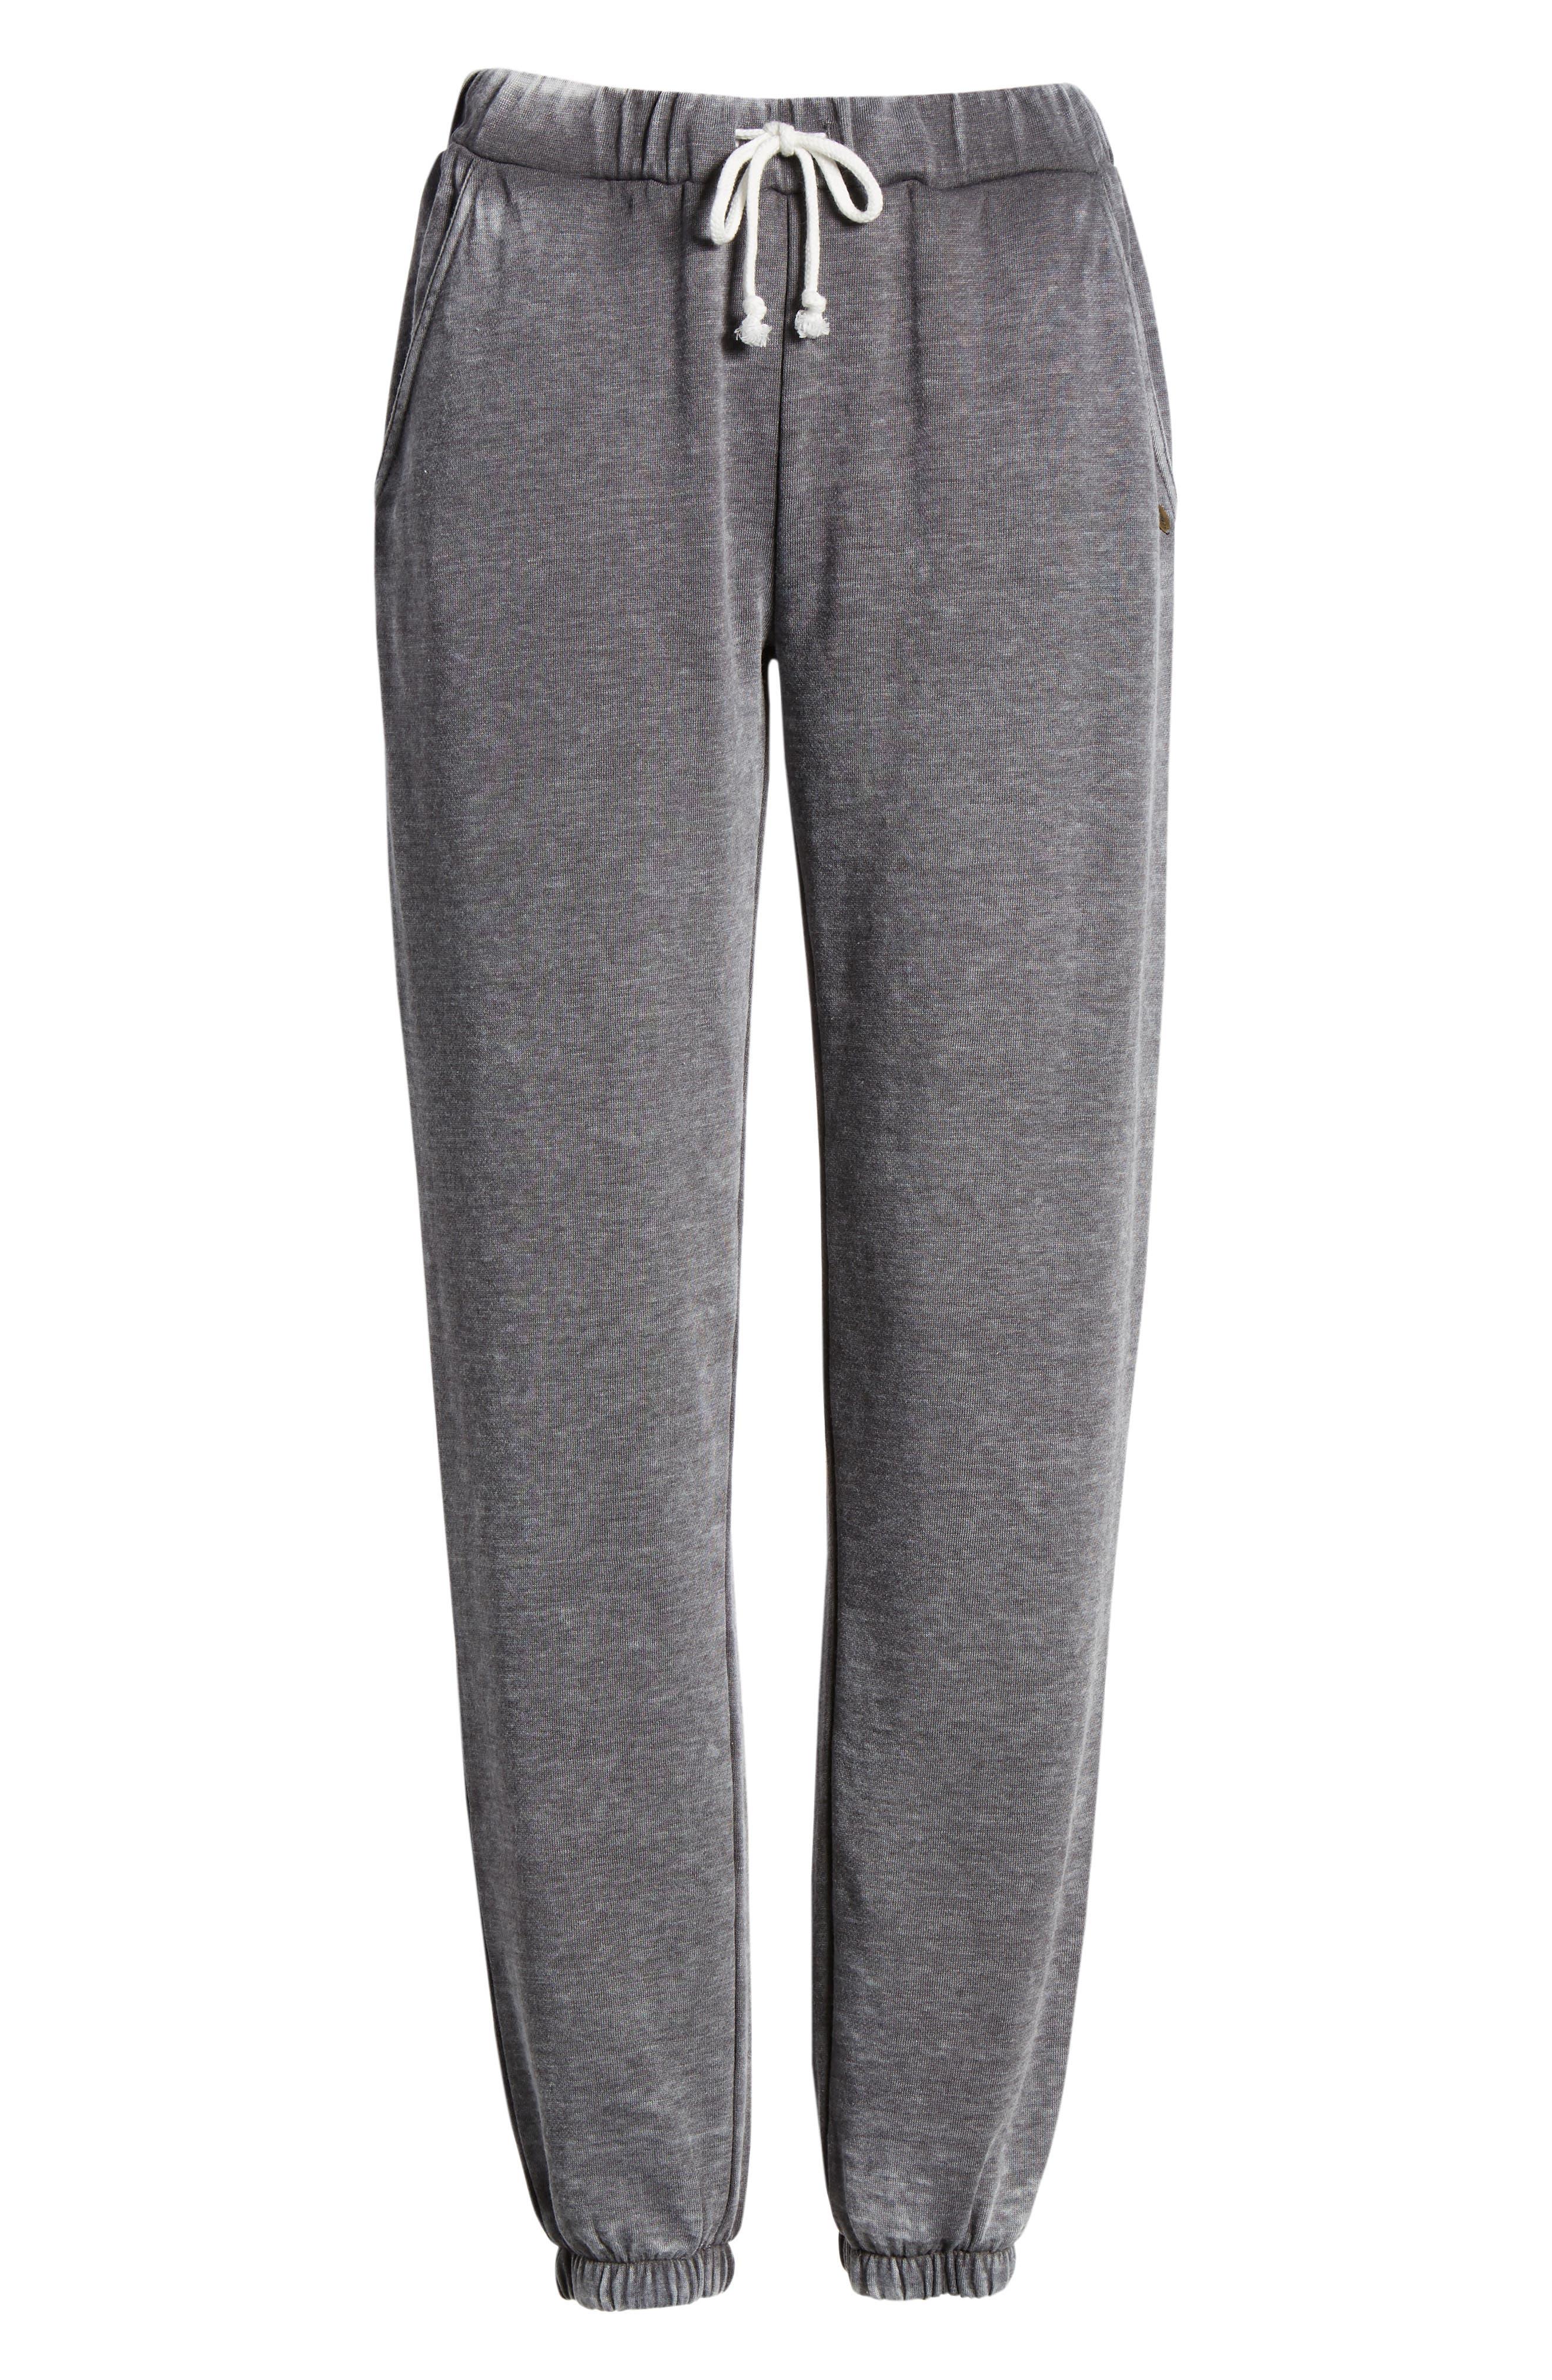 Riya Fashion Fleece Sweatpants,                             Alternate thumbnail 7, color,                             020